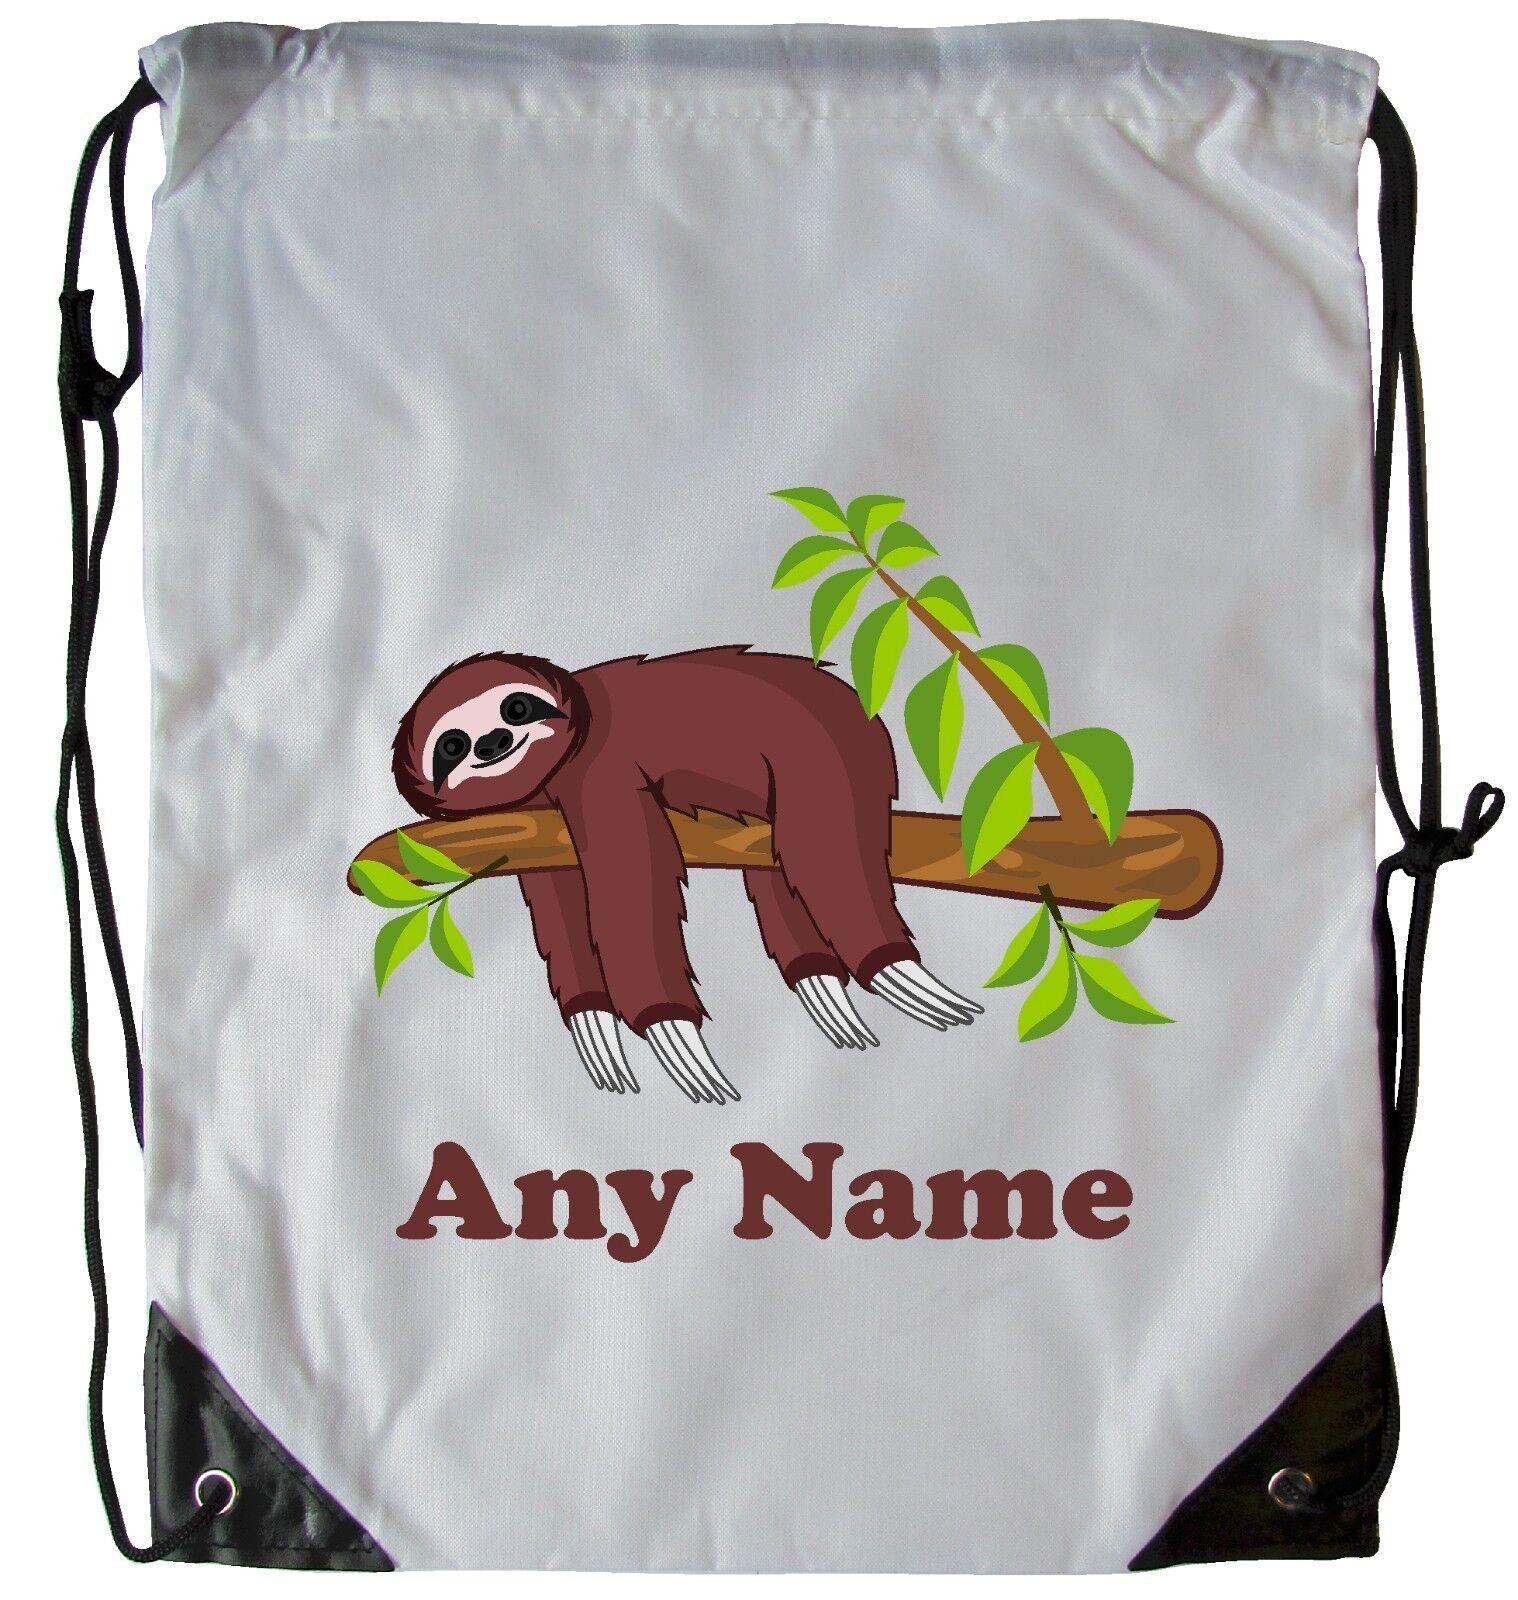 Super Mario Back To School Essentials Drawstring PE Swim Bag